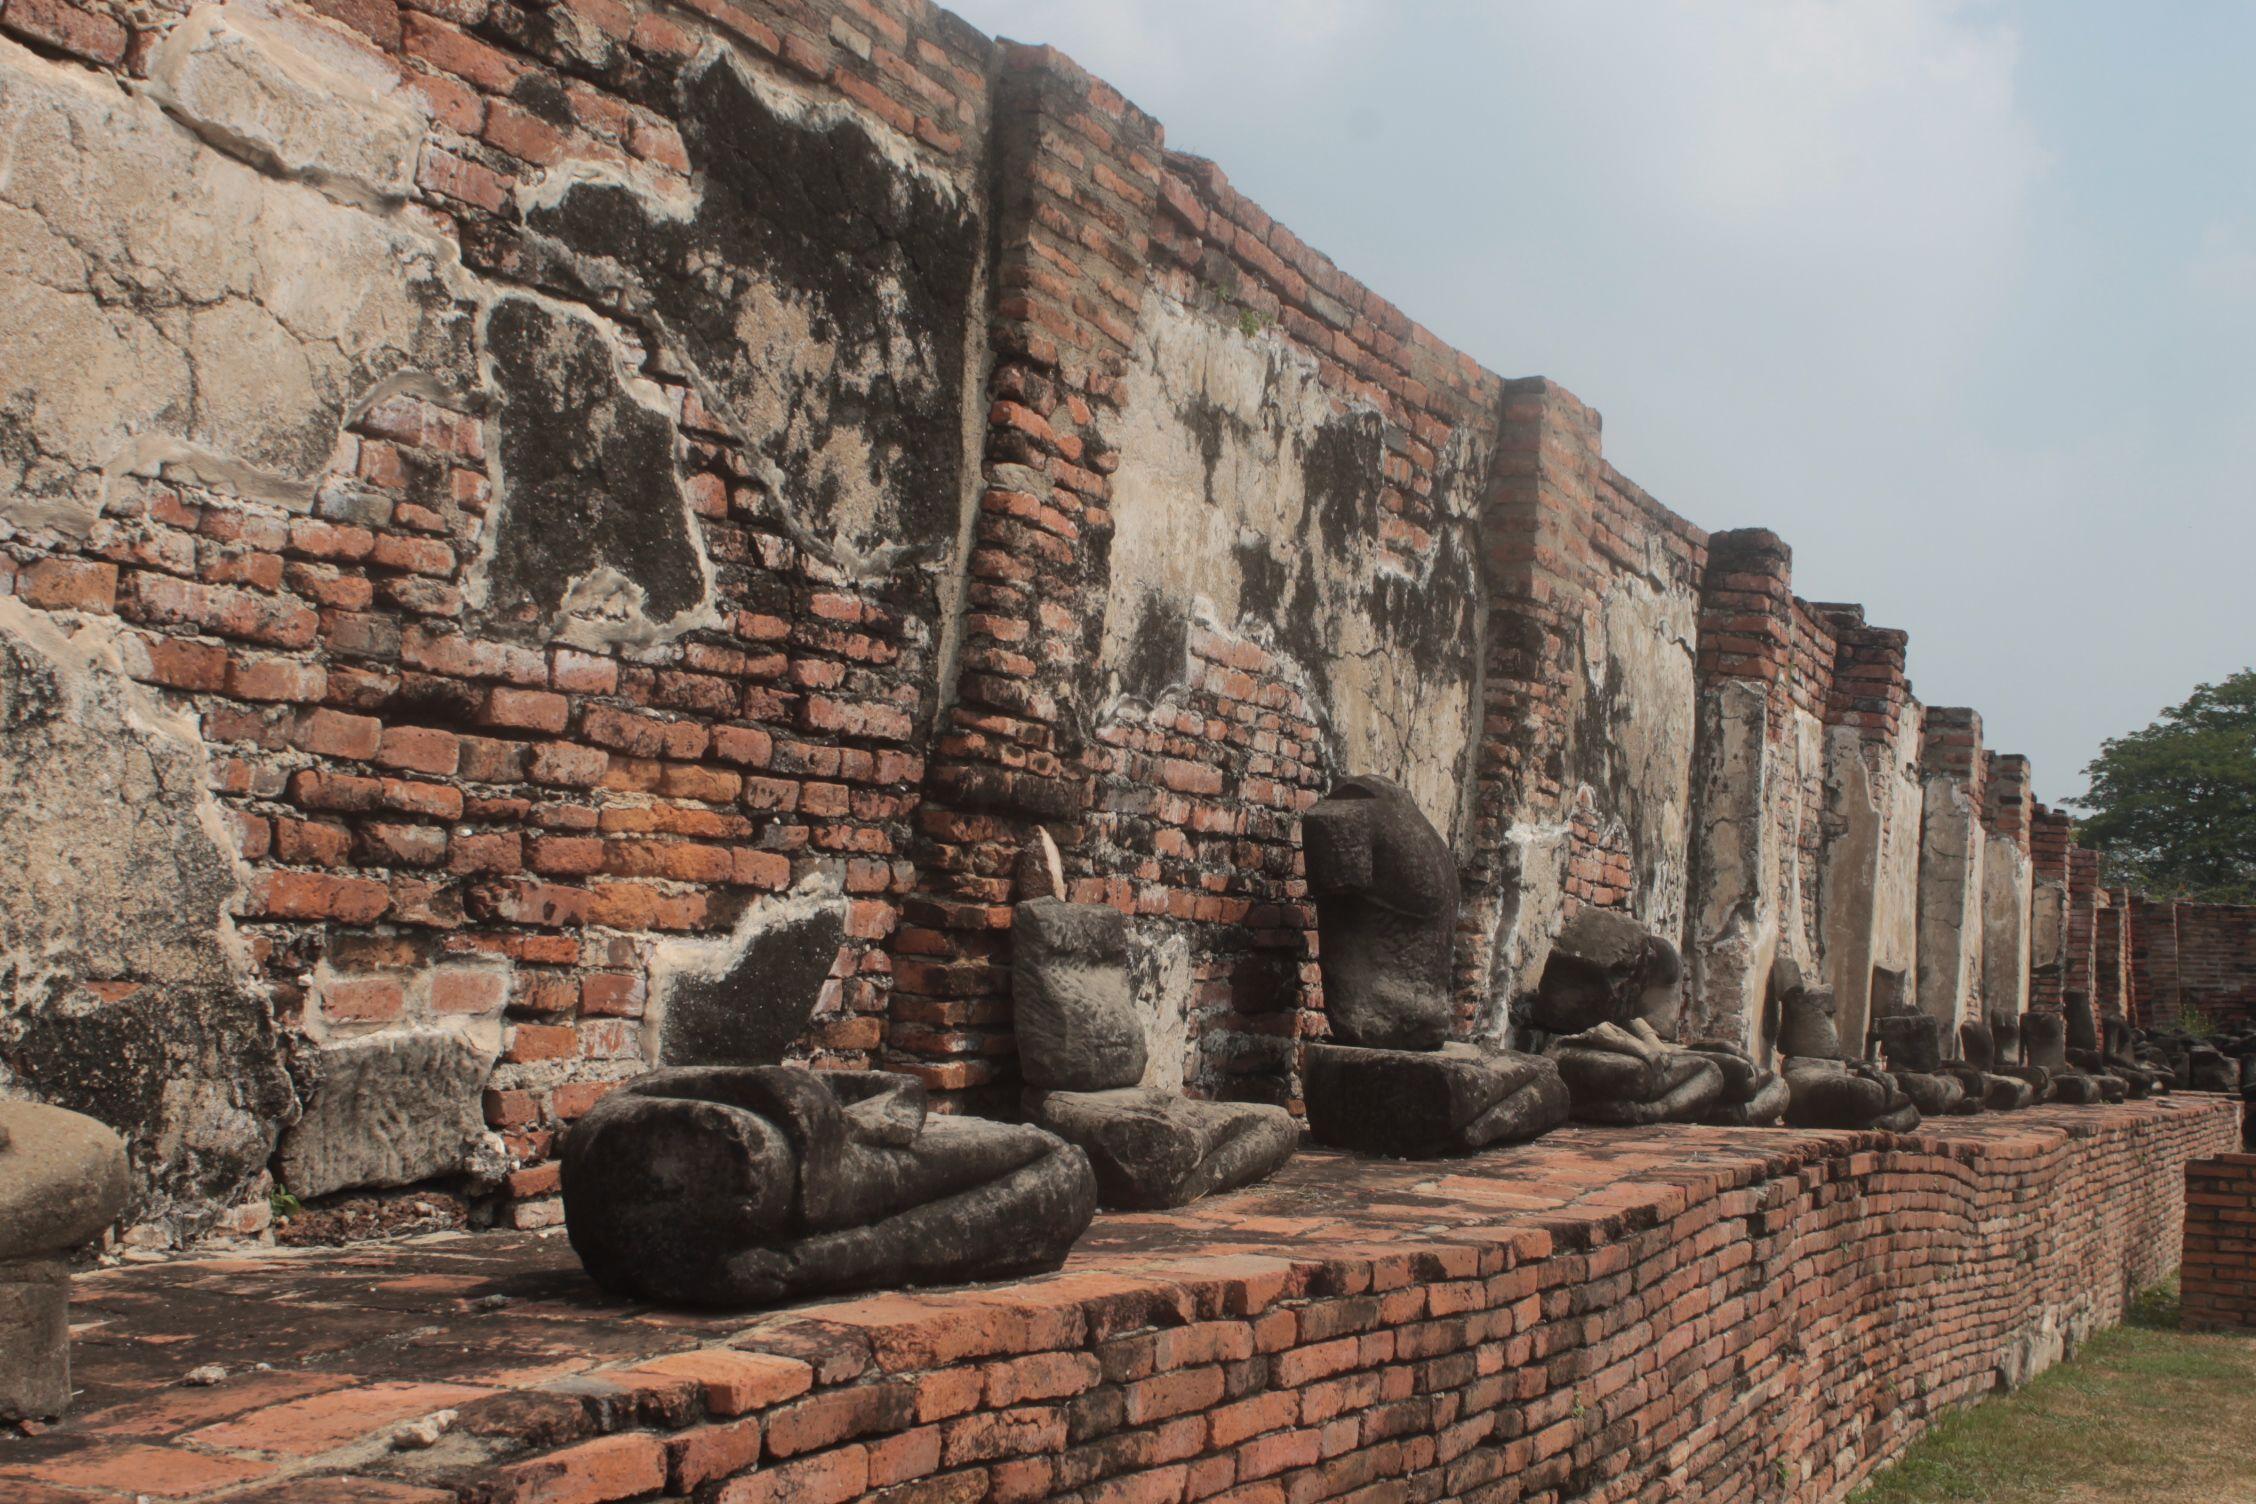 Figuras de Buda muy deterioradas en uno de los templos